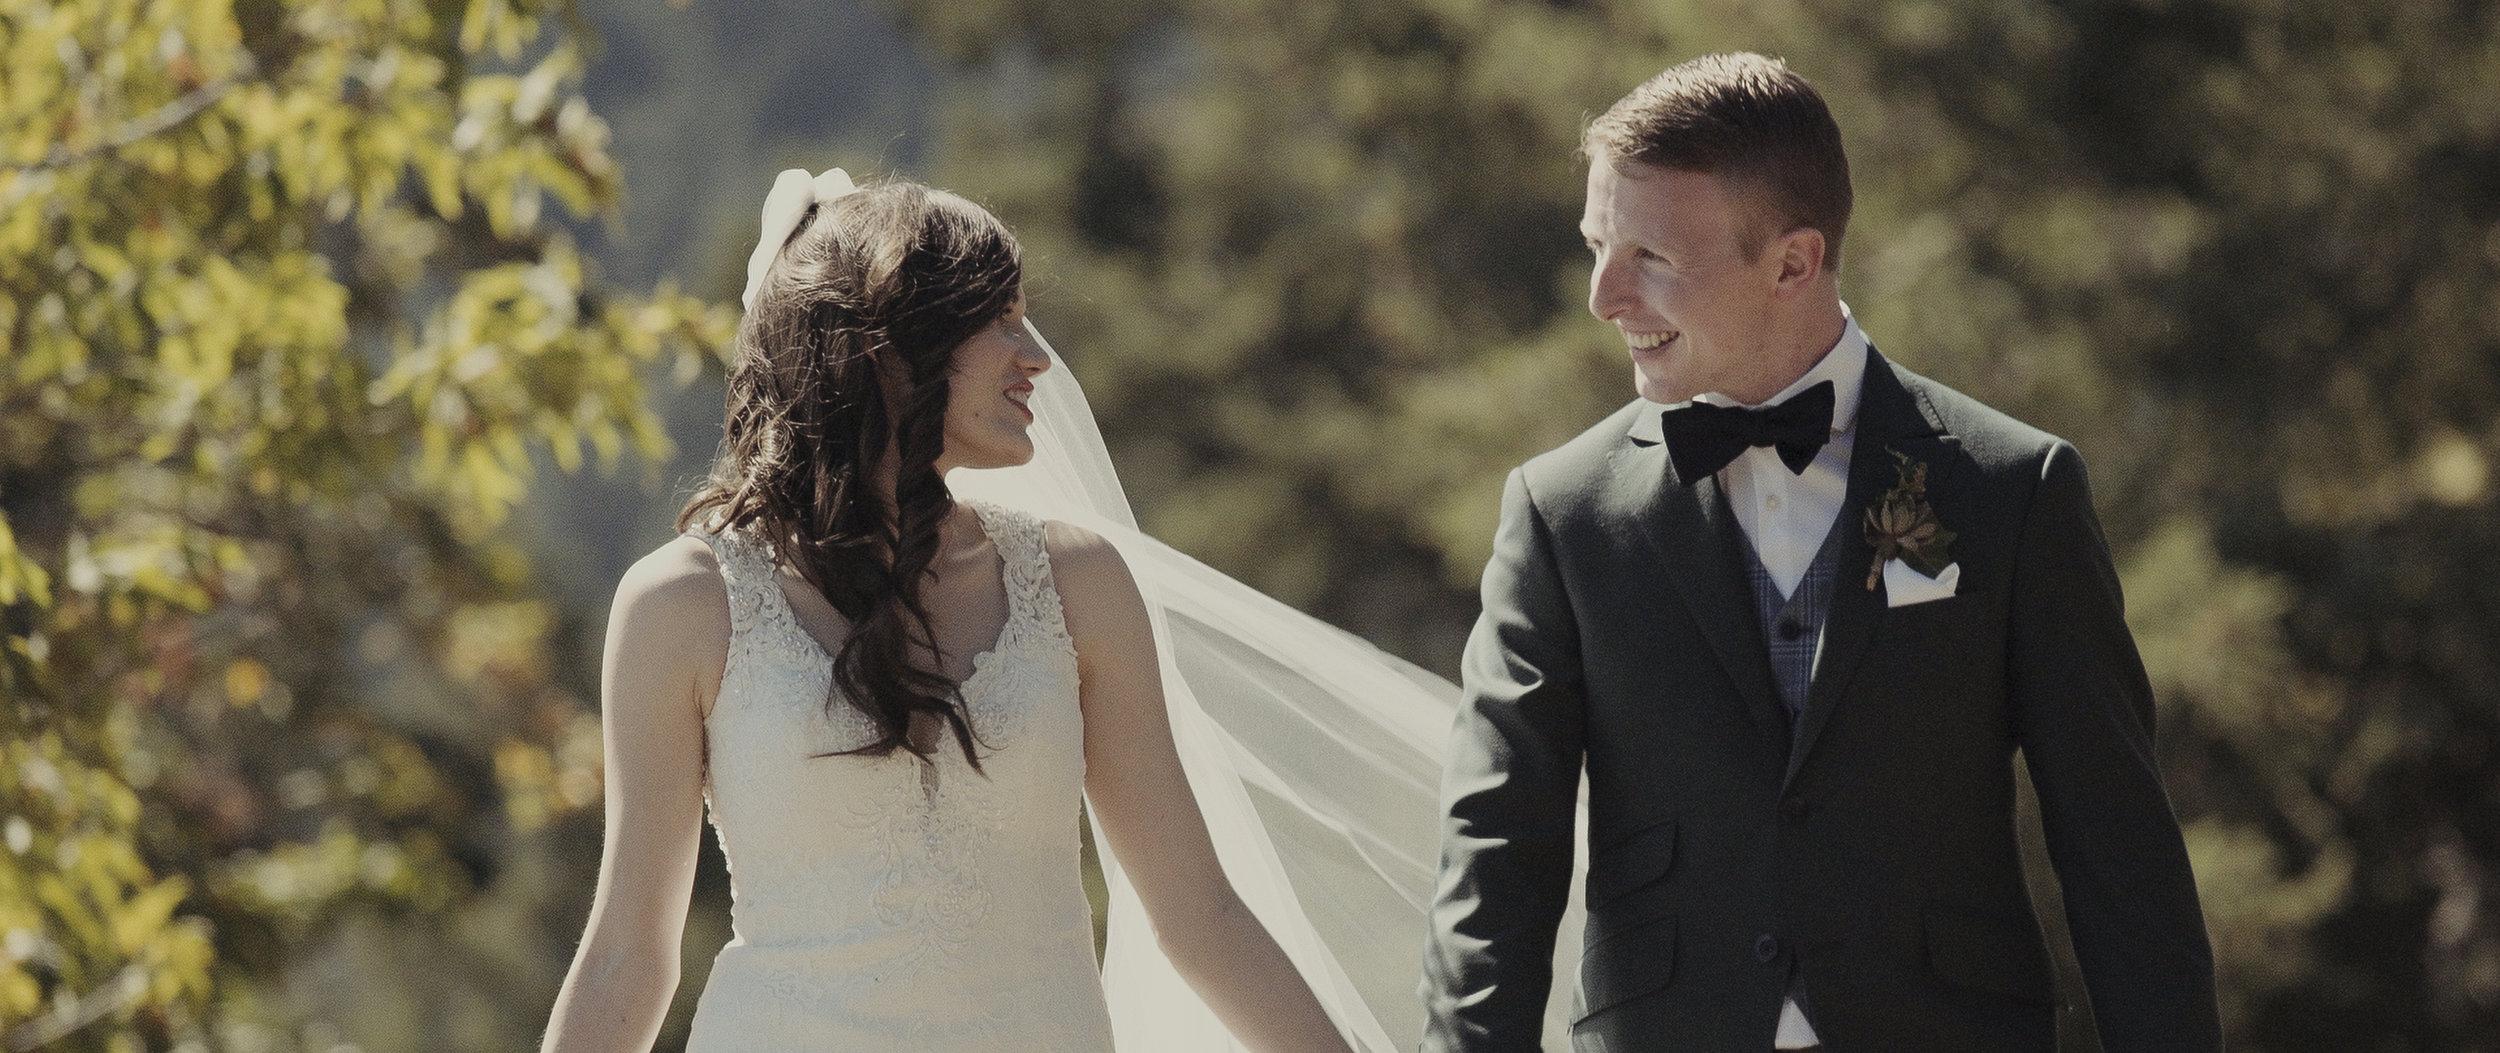 West Coast Wedding Videography-4.jpg